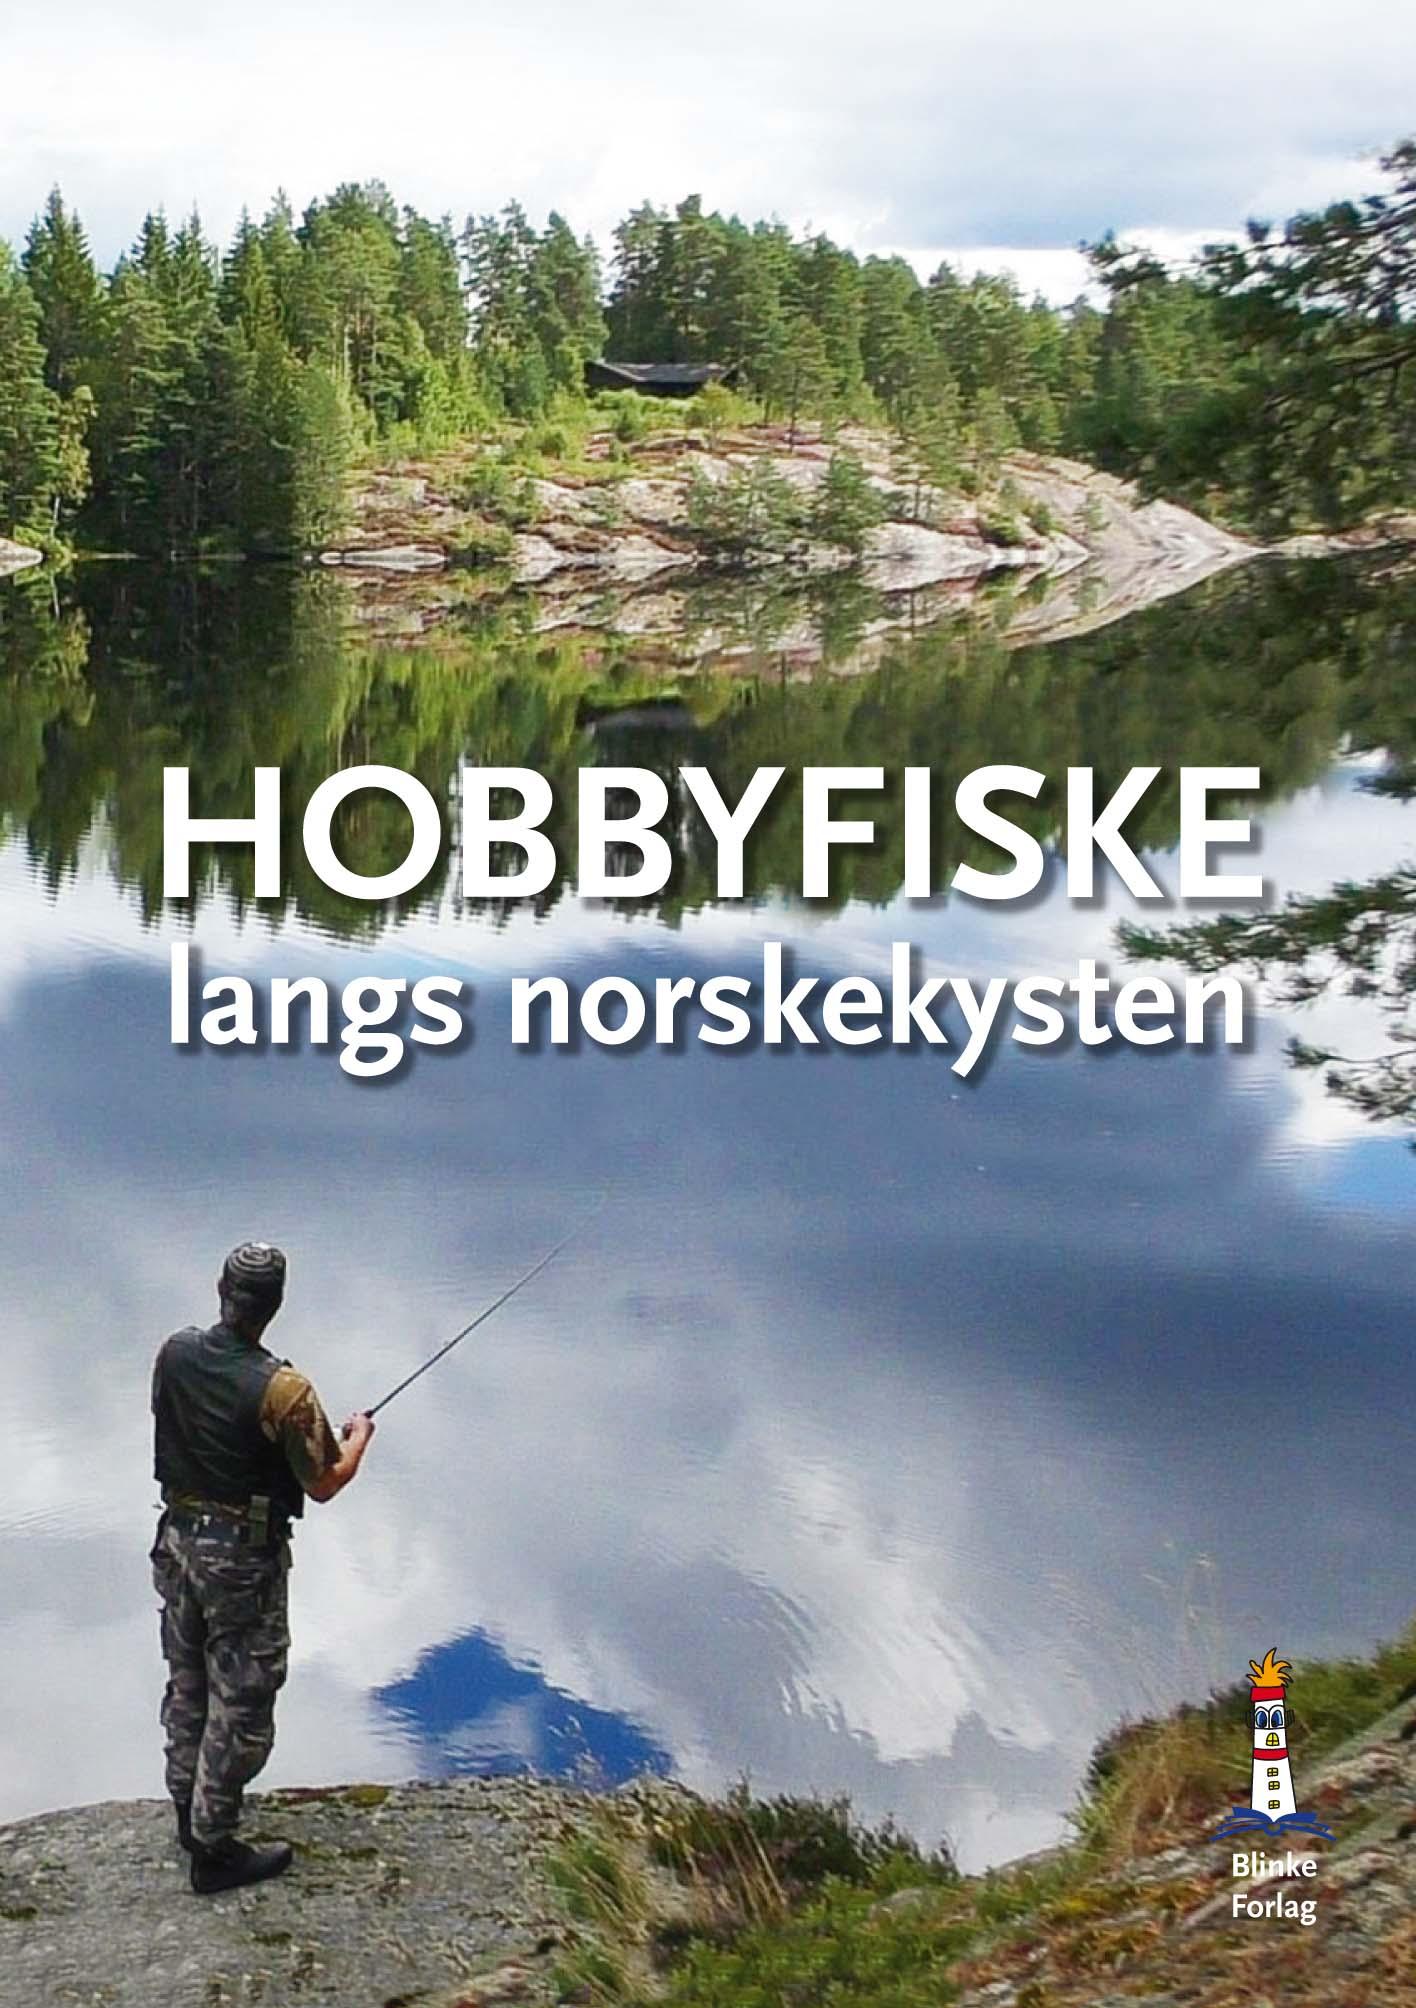 Cover_Hobbyfiske-1